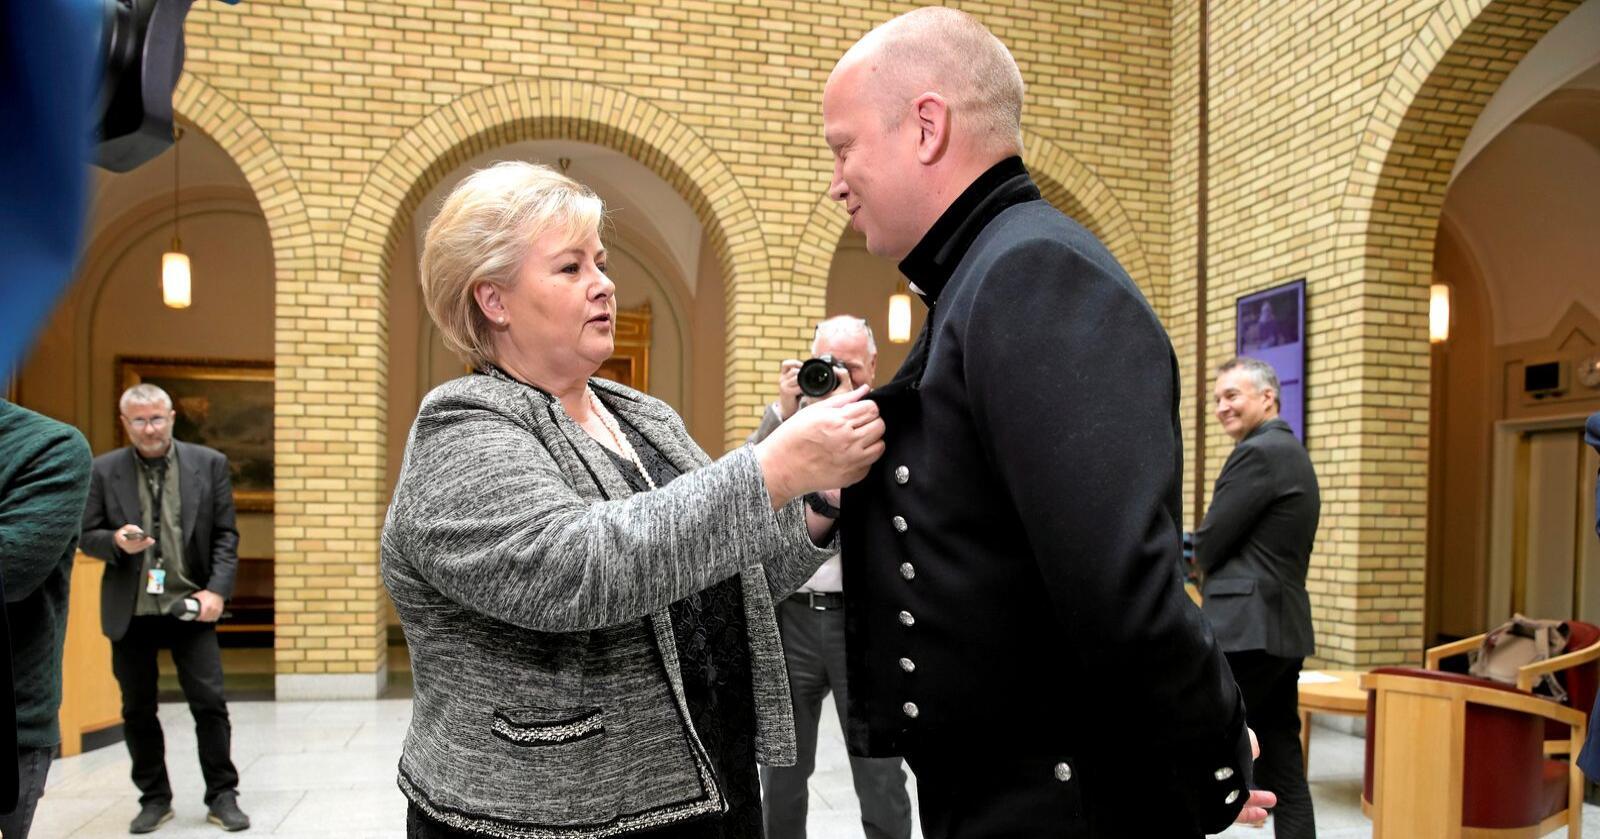 Det ironiske er at Erna Solberg, som alltid snakker om respekt og opptrer seriøst, nå legger opp til en amerikanisert valgkamp. Dette er godt nytt for Sp, skriver innsenderen. Her sjekker statsministeren Vedums bunad etter en spørretime på Stortinget. Foto: Vidar Ruud / NTB